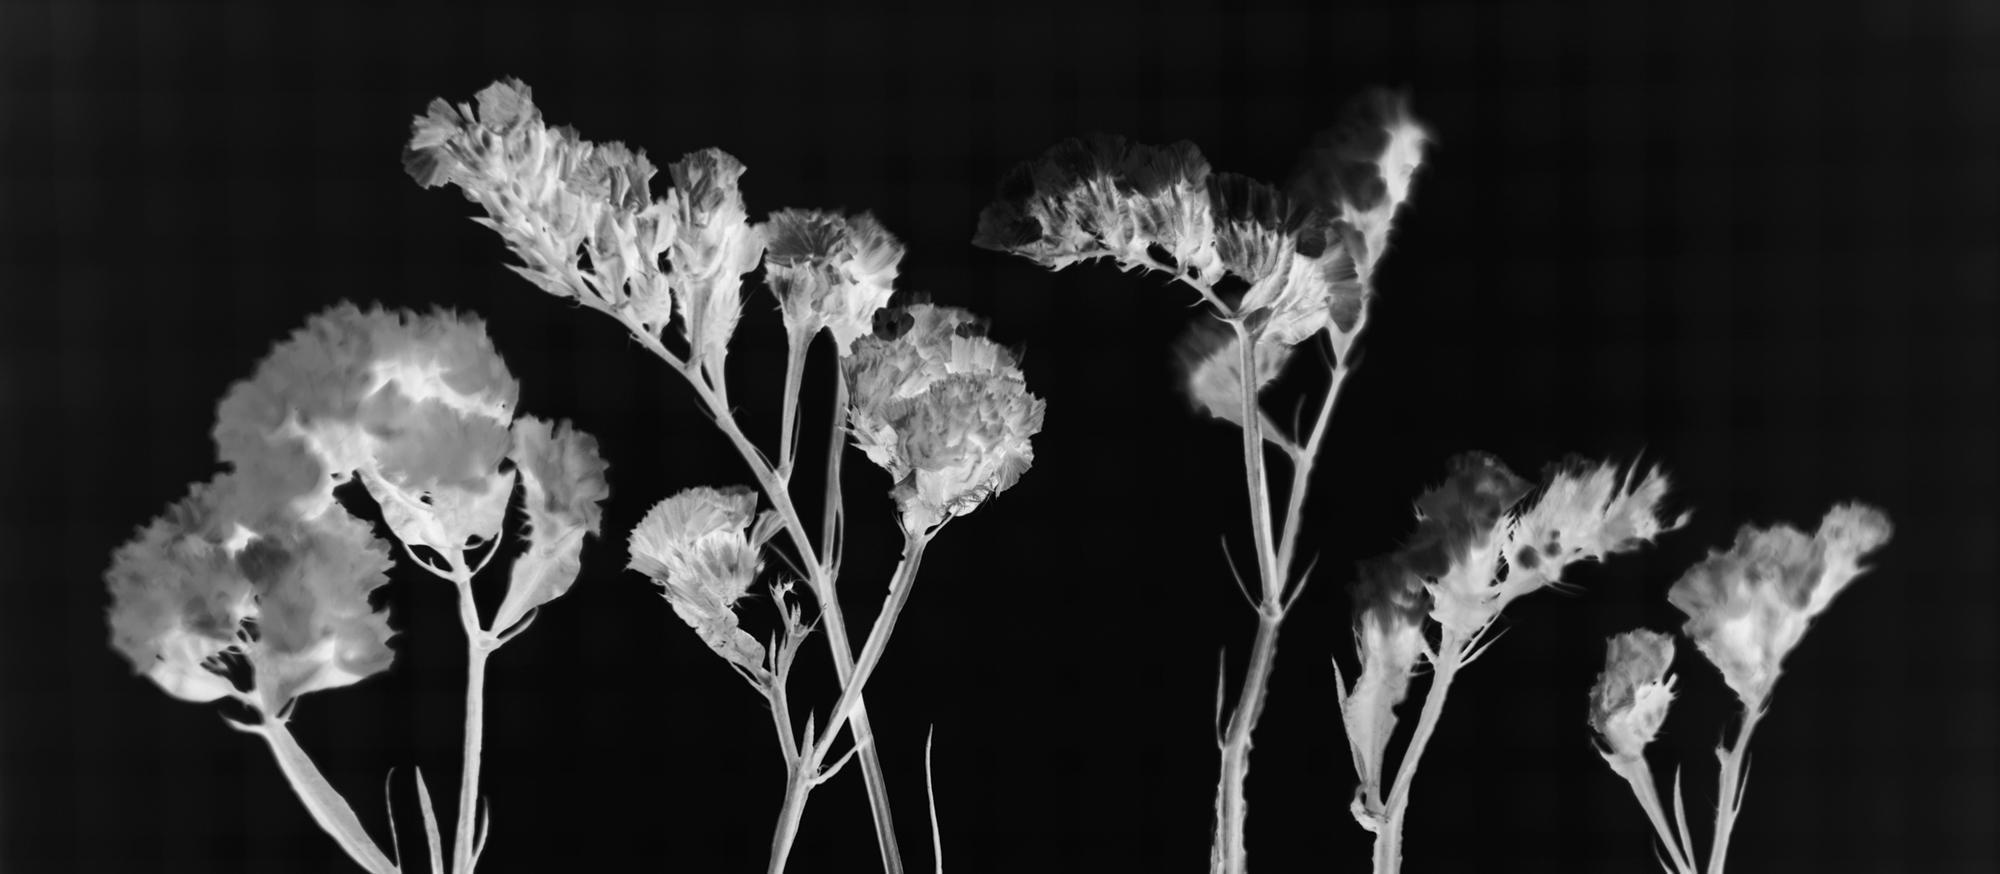 無料画像 自然 デスクトップ 花 葉 バックグラウンド 綺麗な